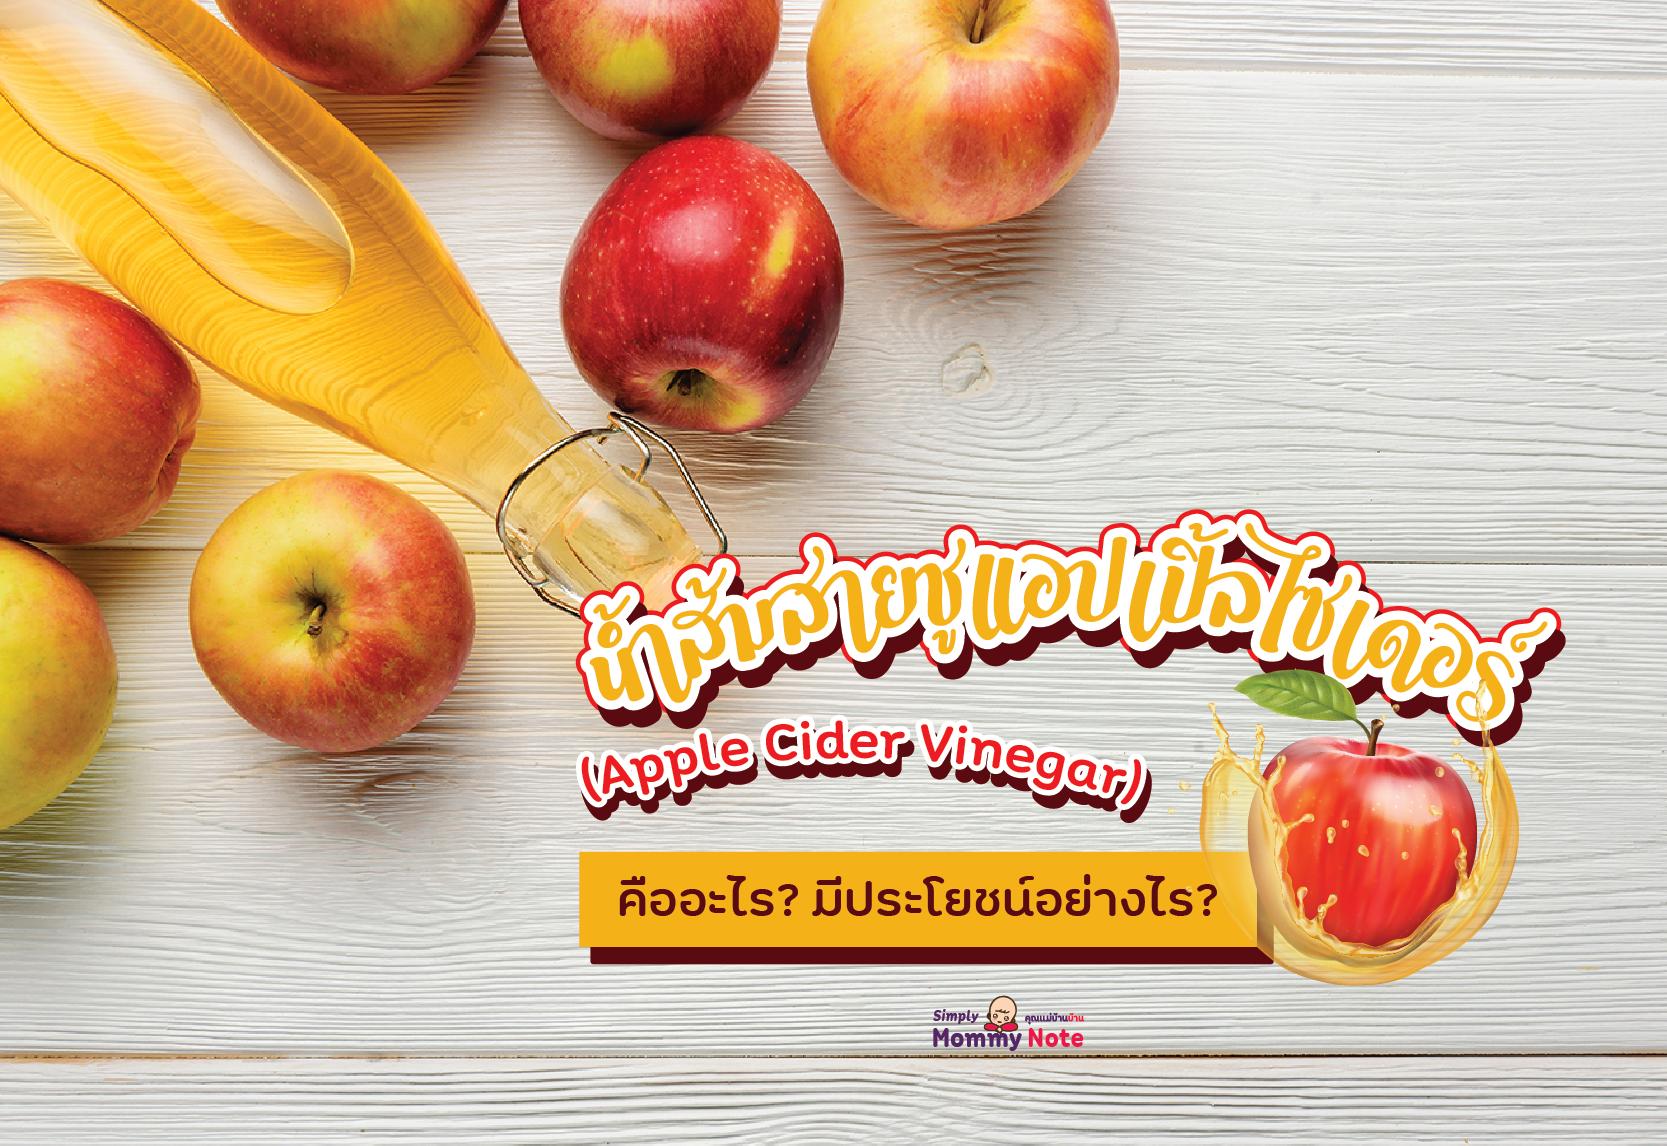 น้ำส้มสายชูแอปเปิ้ลไซเดอร์ (Apple Cider Vinegar) คืออะไร มีประโยชน์อย่างไร